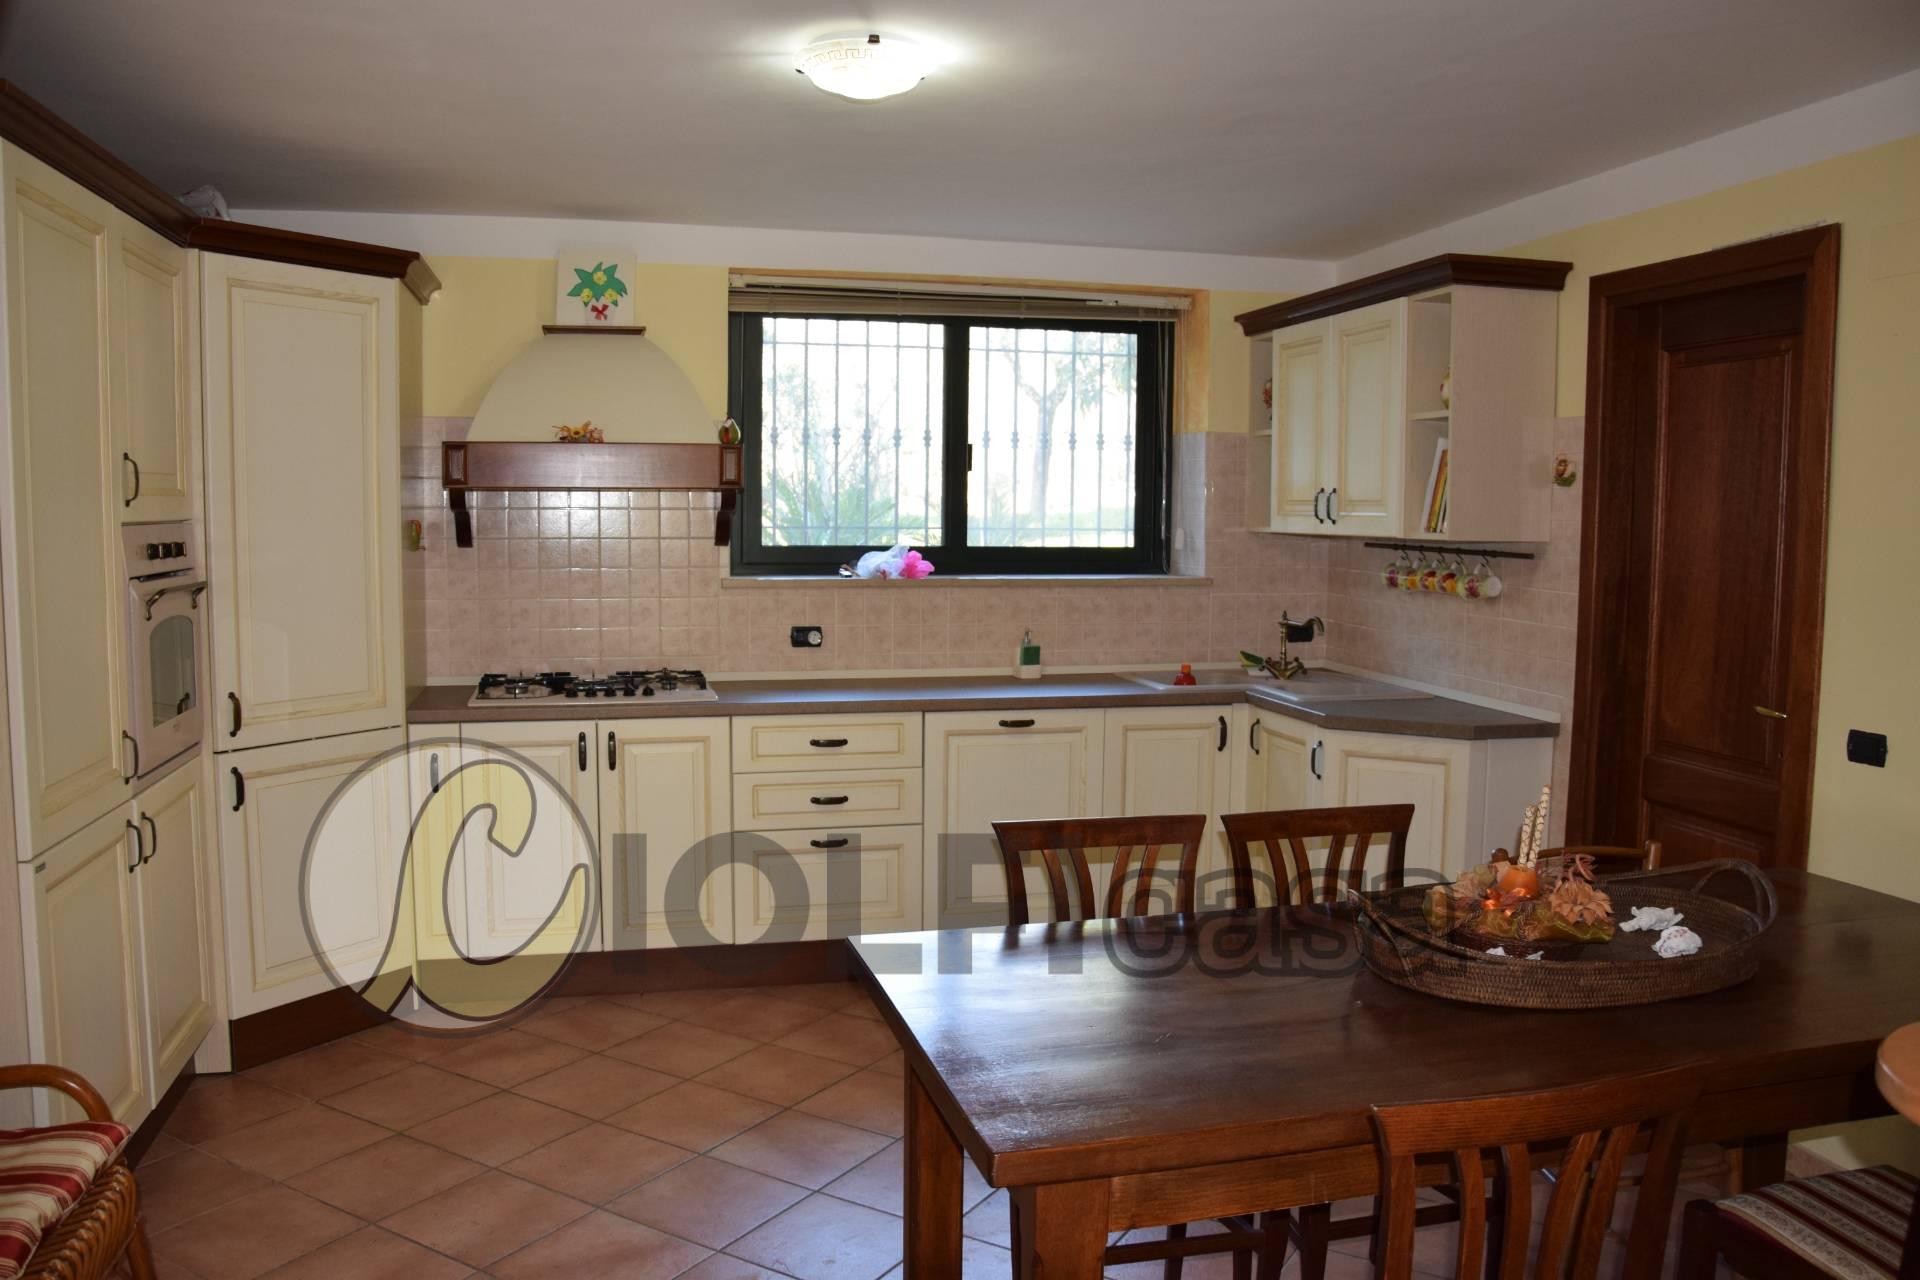 Villa a Schiera in vendita a Cervaro, 7 locali, zona Località: Foresta, prezzo € 165.000 | CambioCasa.it